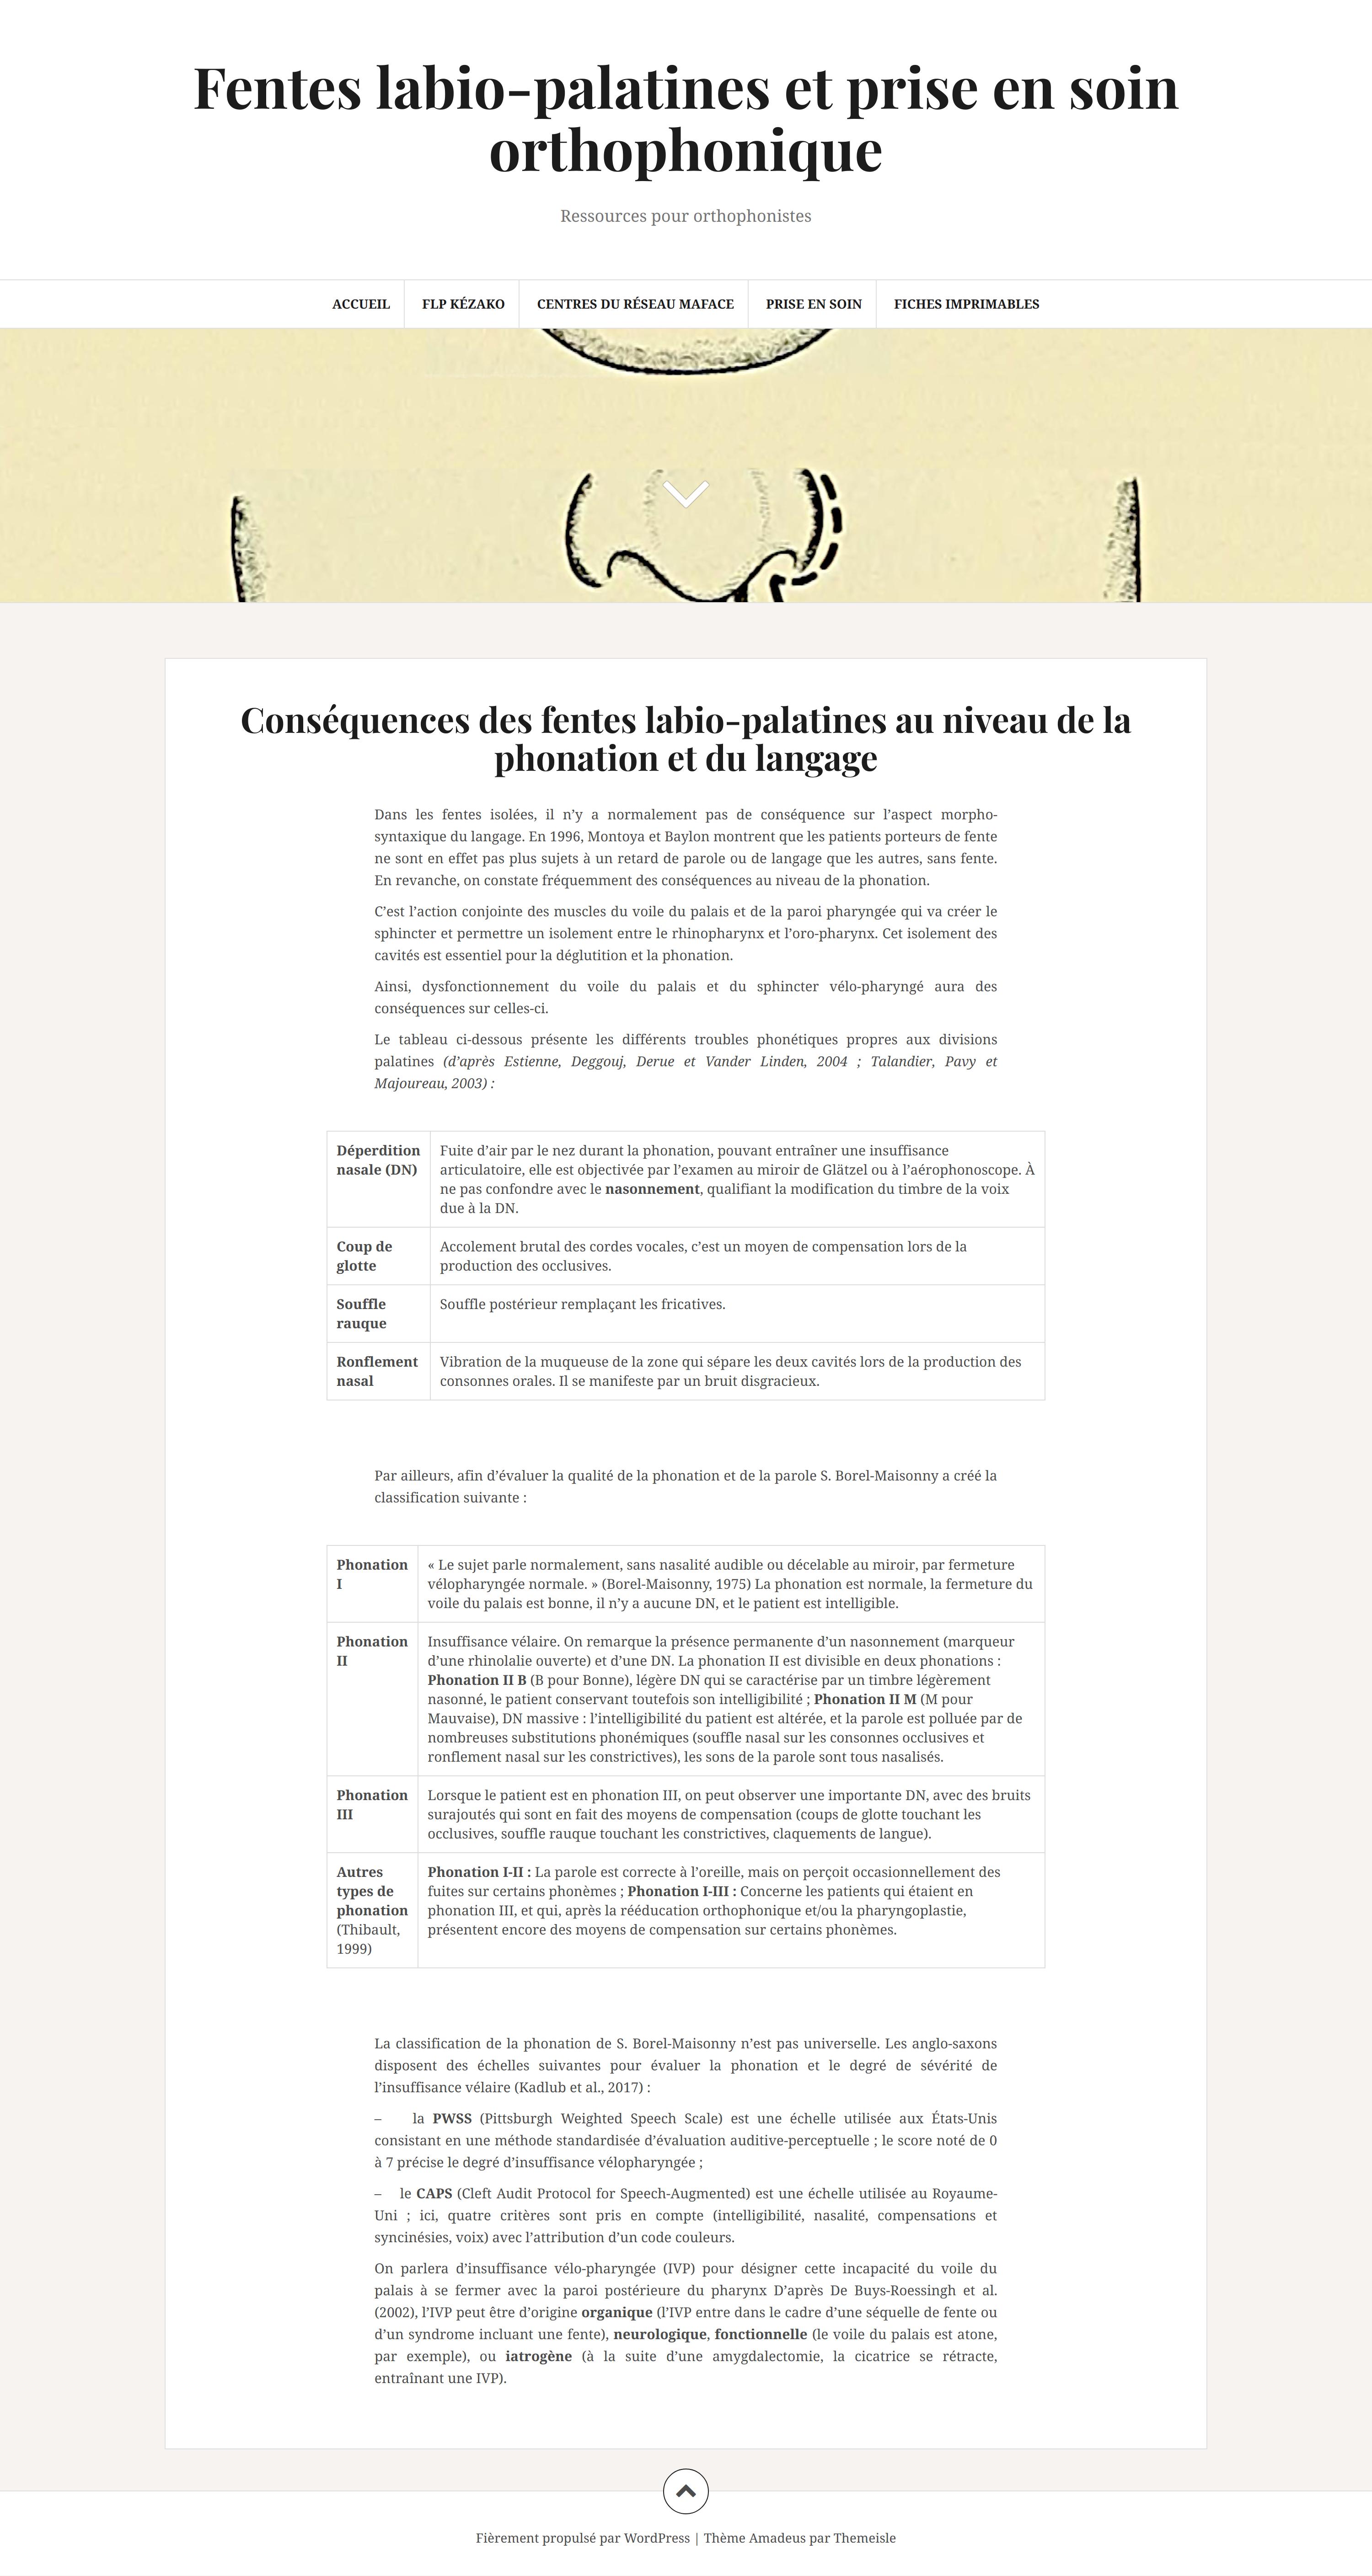 """Site Internet """"Fentes labio-palatines et prise en soin orthophonique"""""""